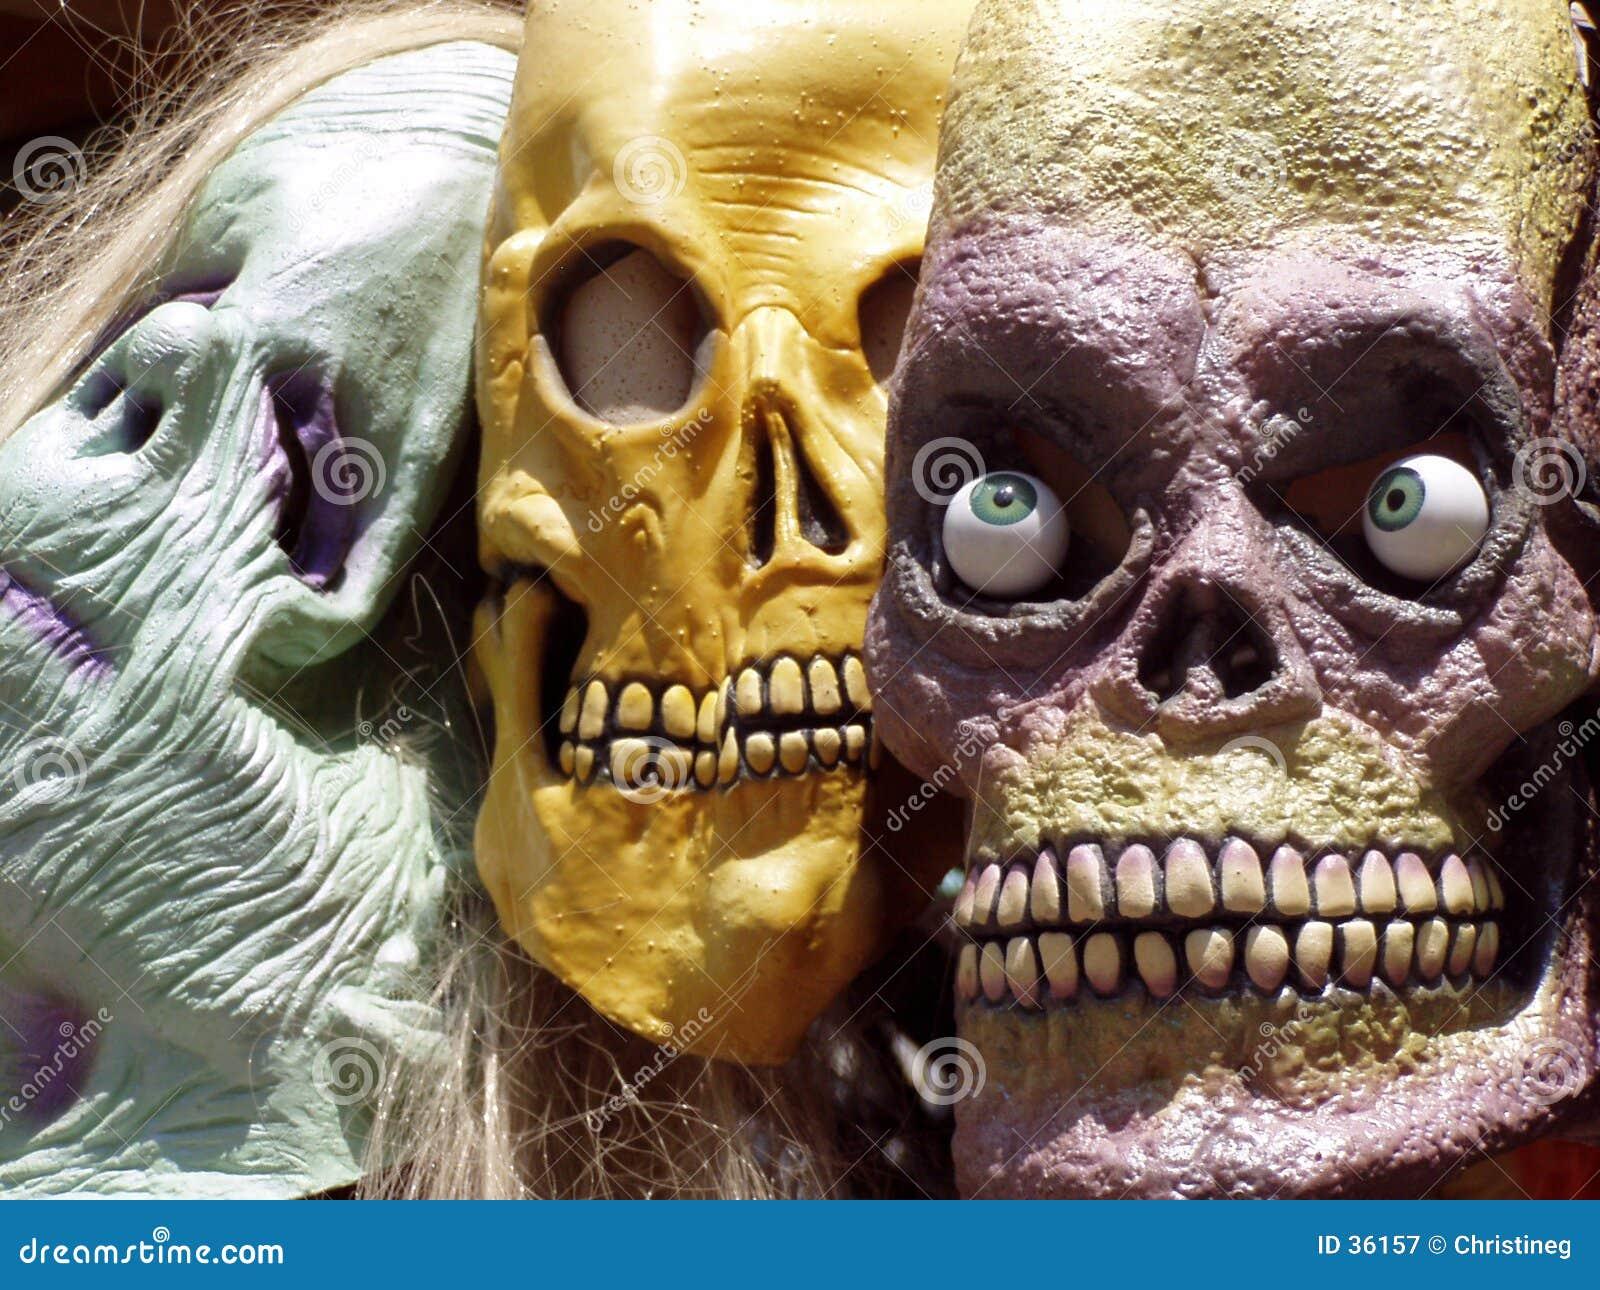 Download Asústese - muy asustado imagen de archivo. Imagen de mutilación - 36157